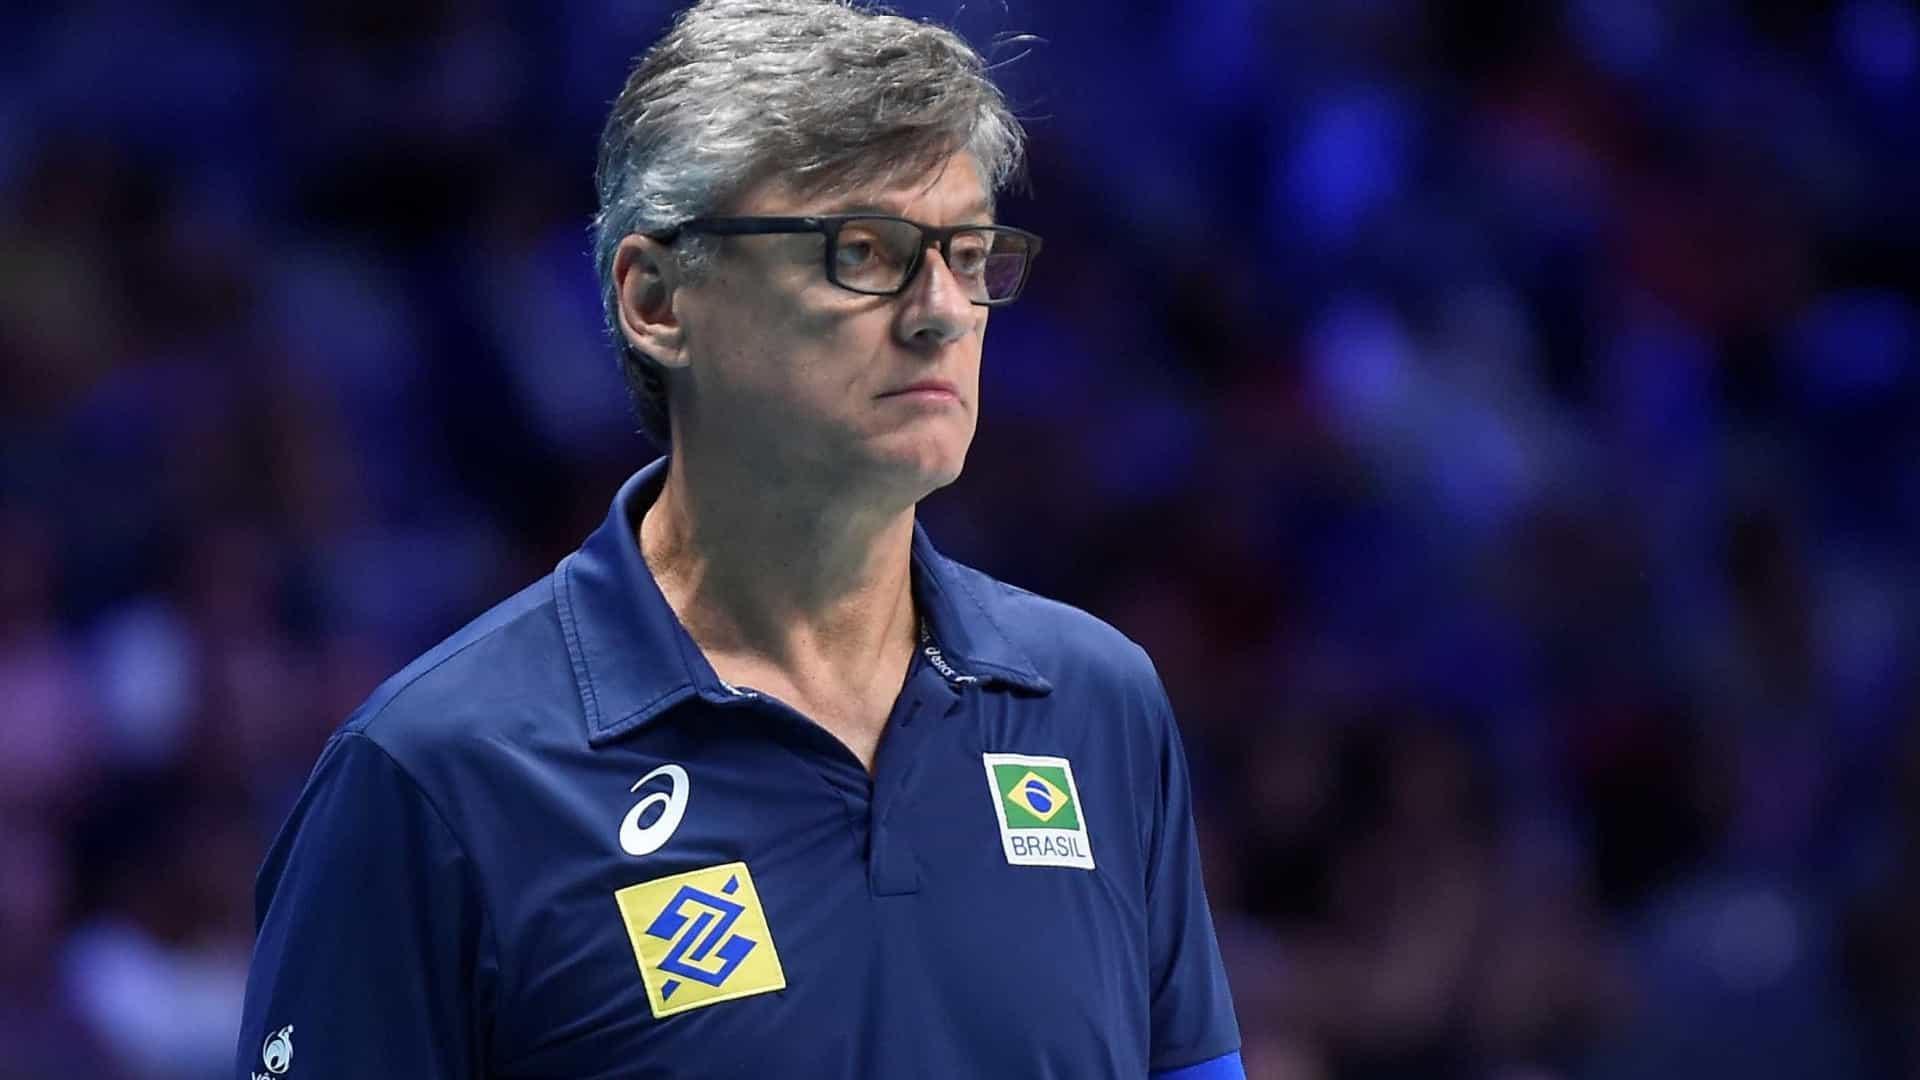 naom 5bb33419d5b15 - Internado no Rio com covid-19, o técnico Renan Dal Zotto é intubado nesta segunda-feira